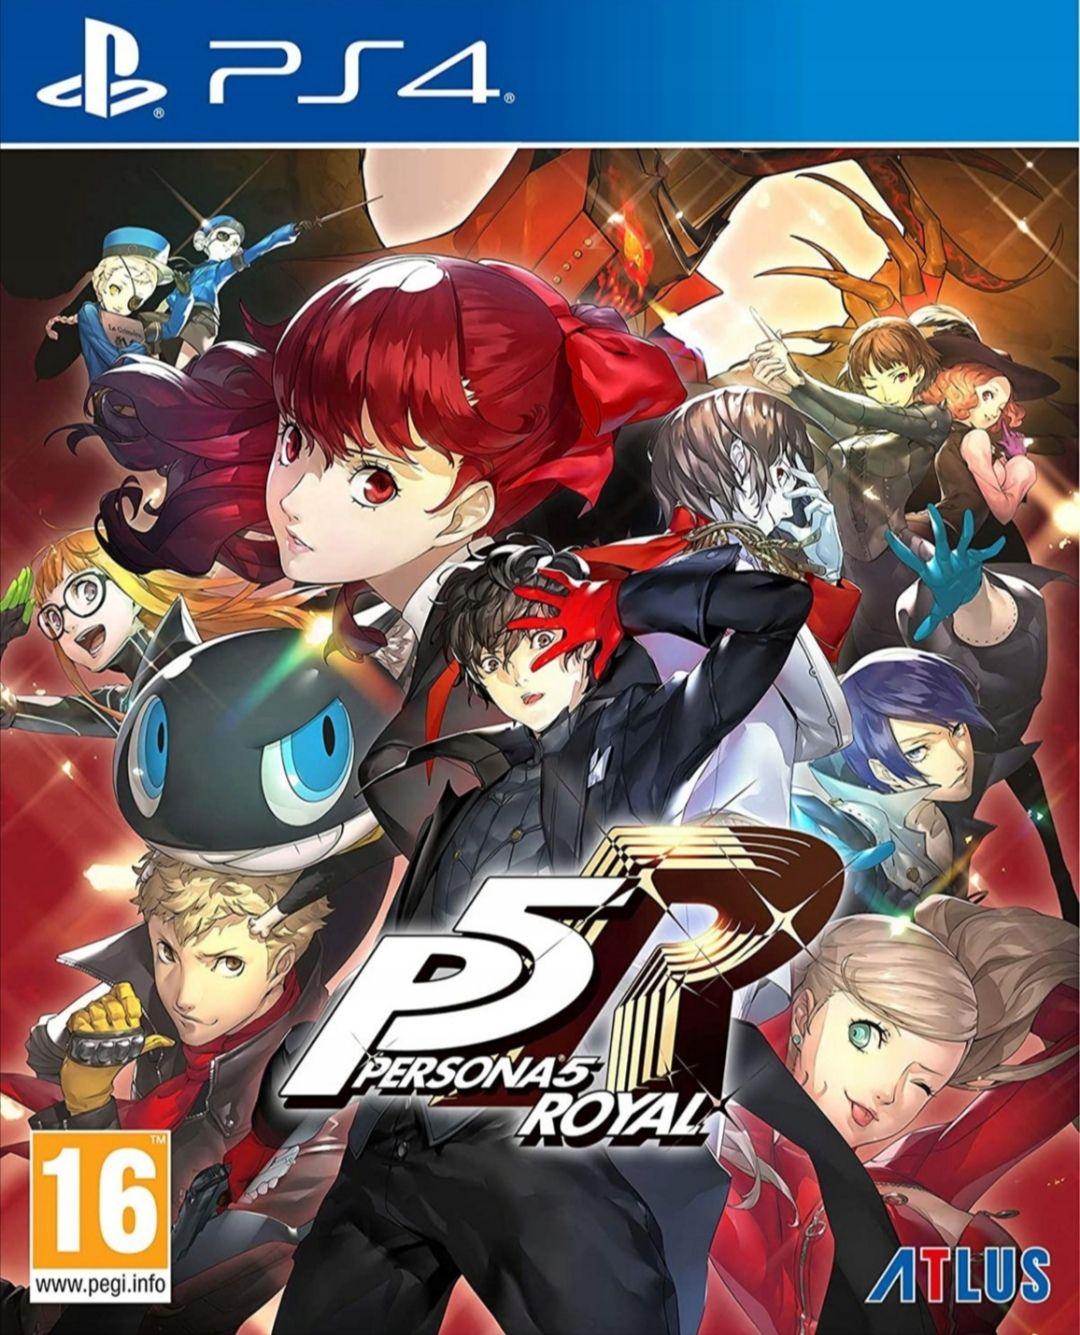 PERSONA 5 ROYAL EDITION PS4 PlayStation 4